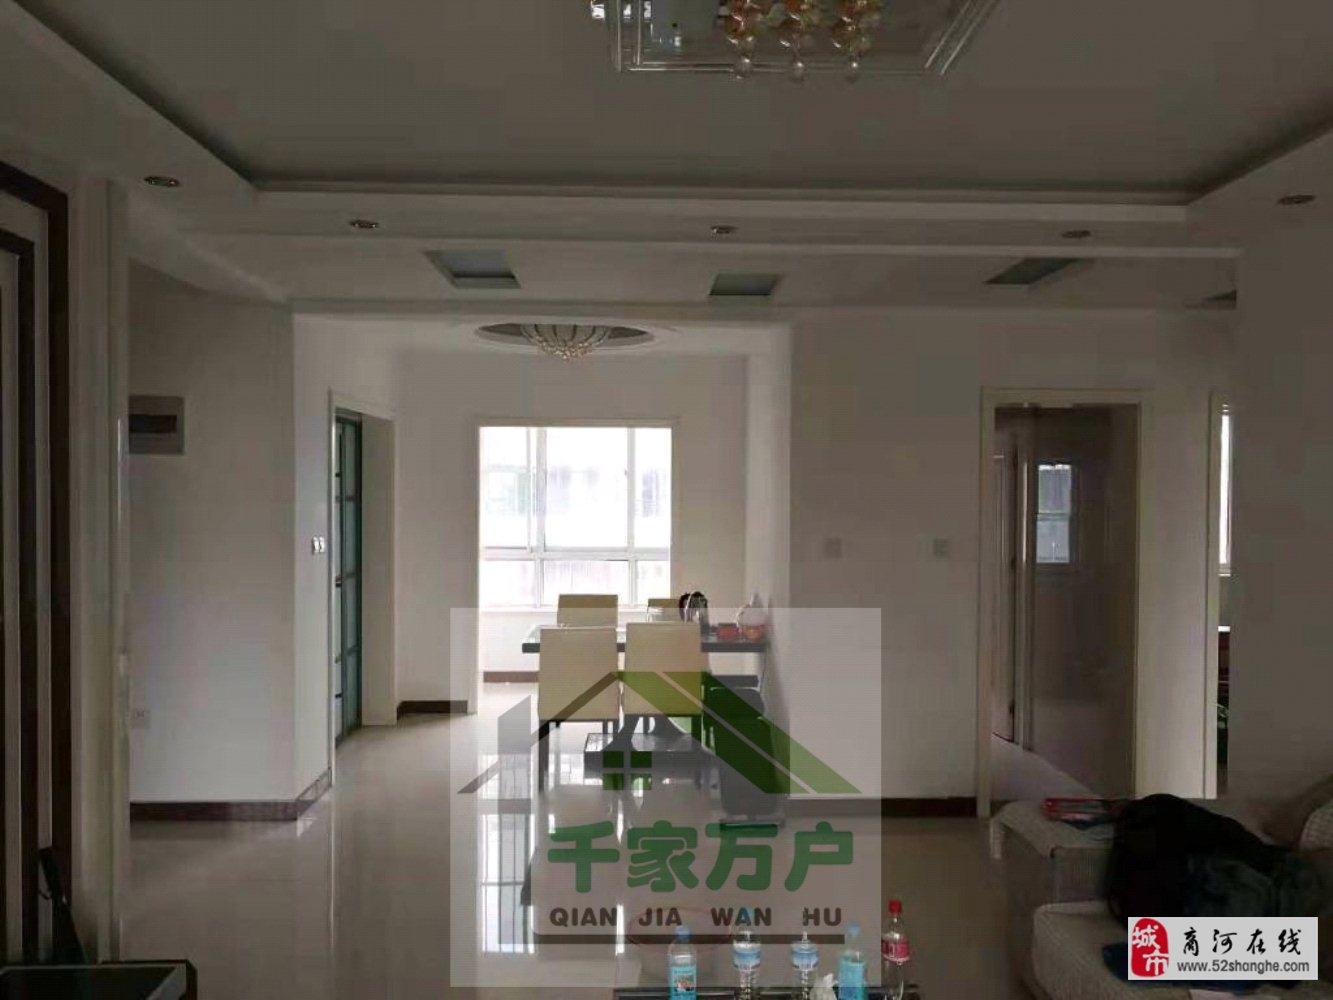 檀都小区3室2厅120平送家具低税95万元